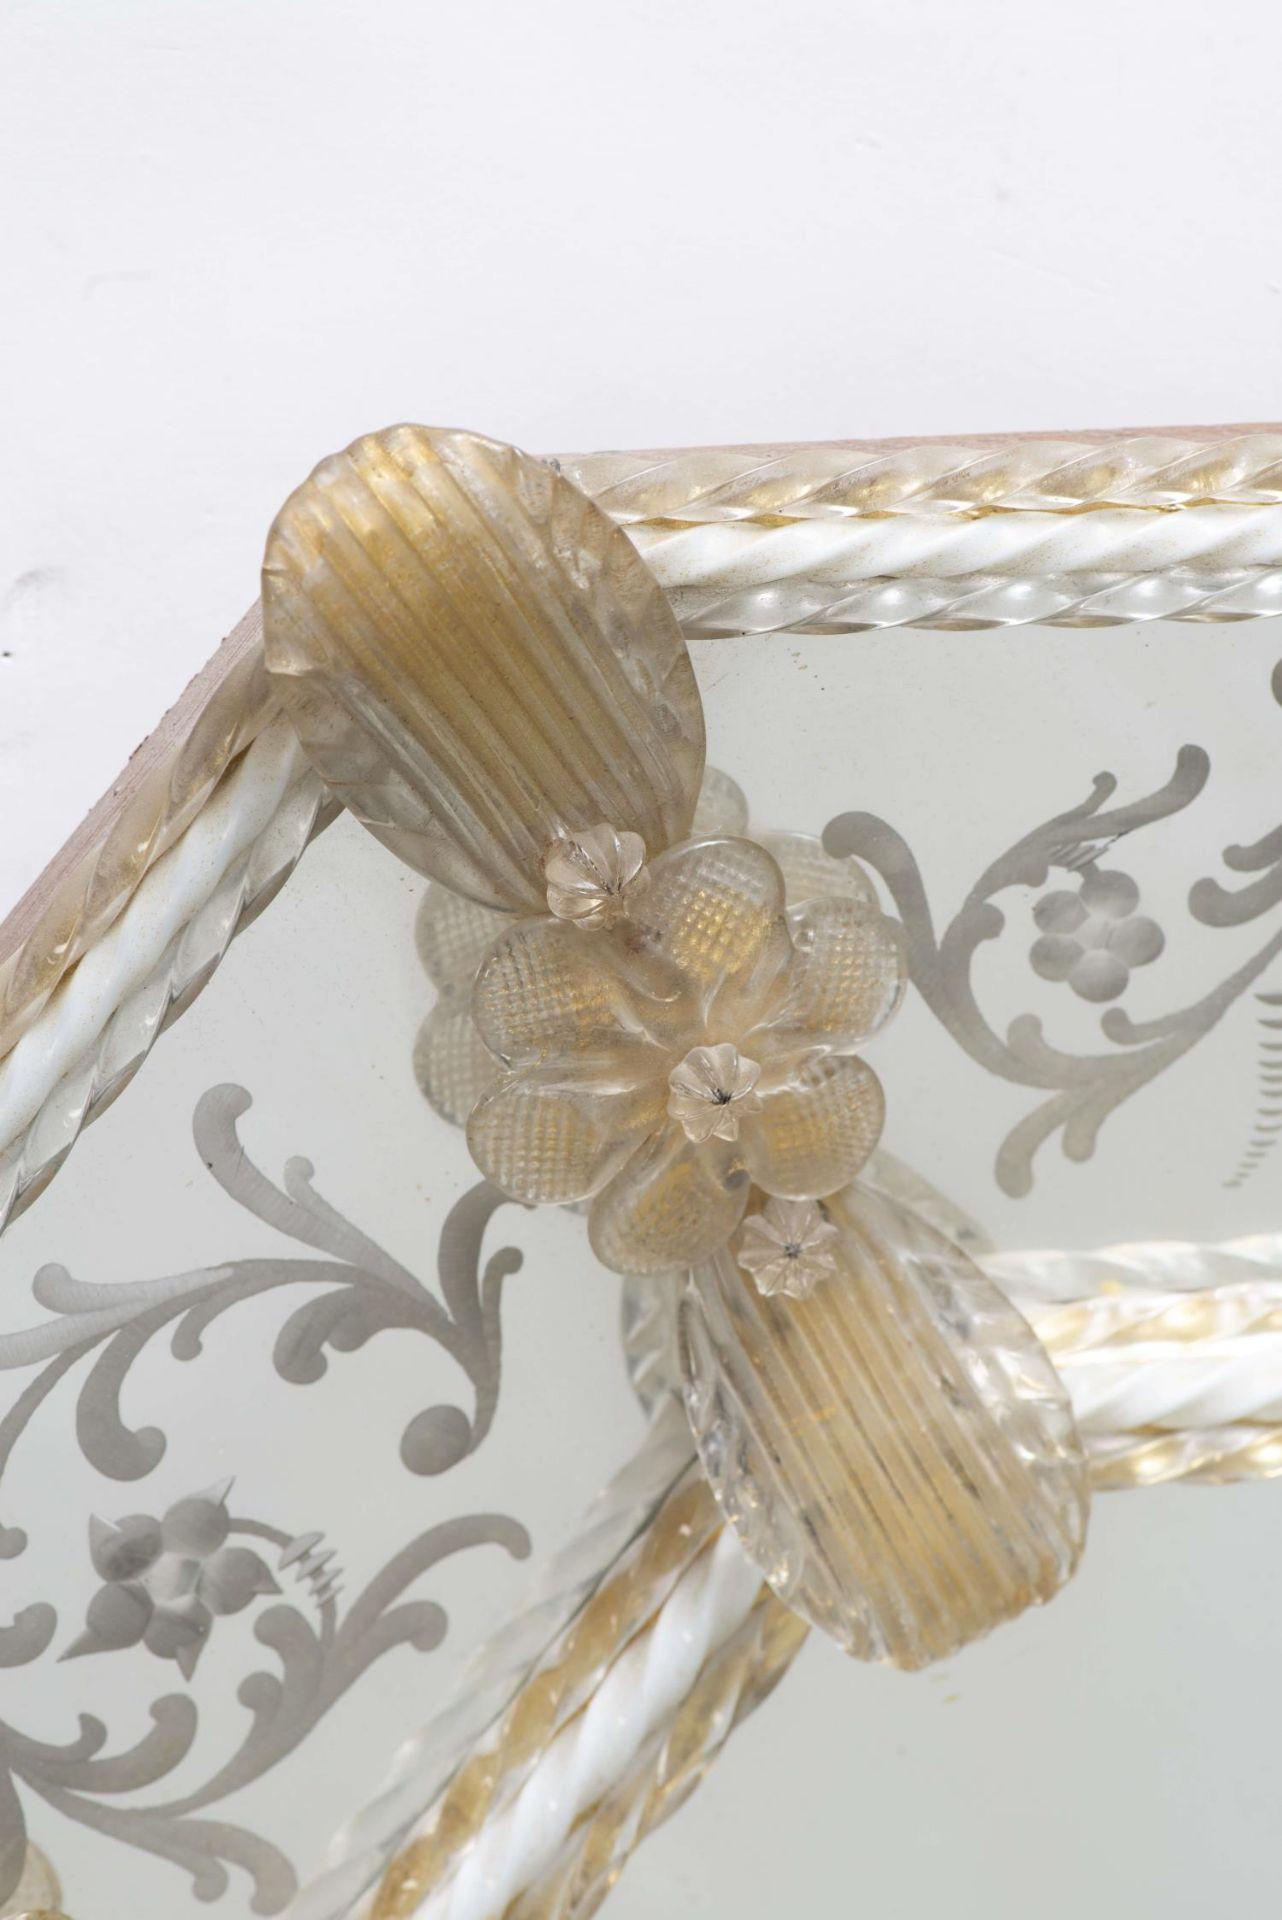 Miroir vénitien octogonal encadré de torsades et de fleurs en verre - Bild 3 aus 4